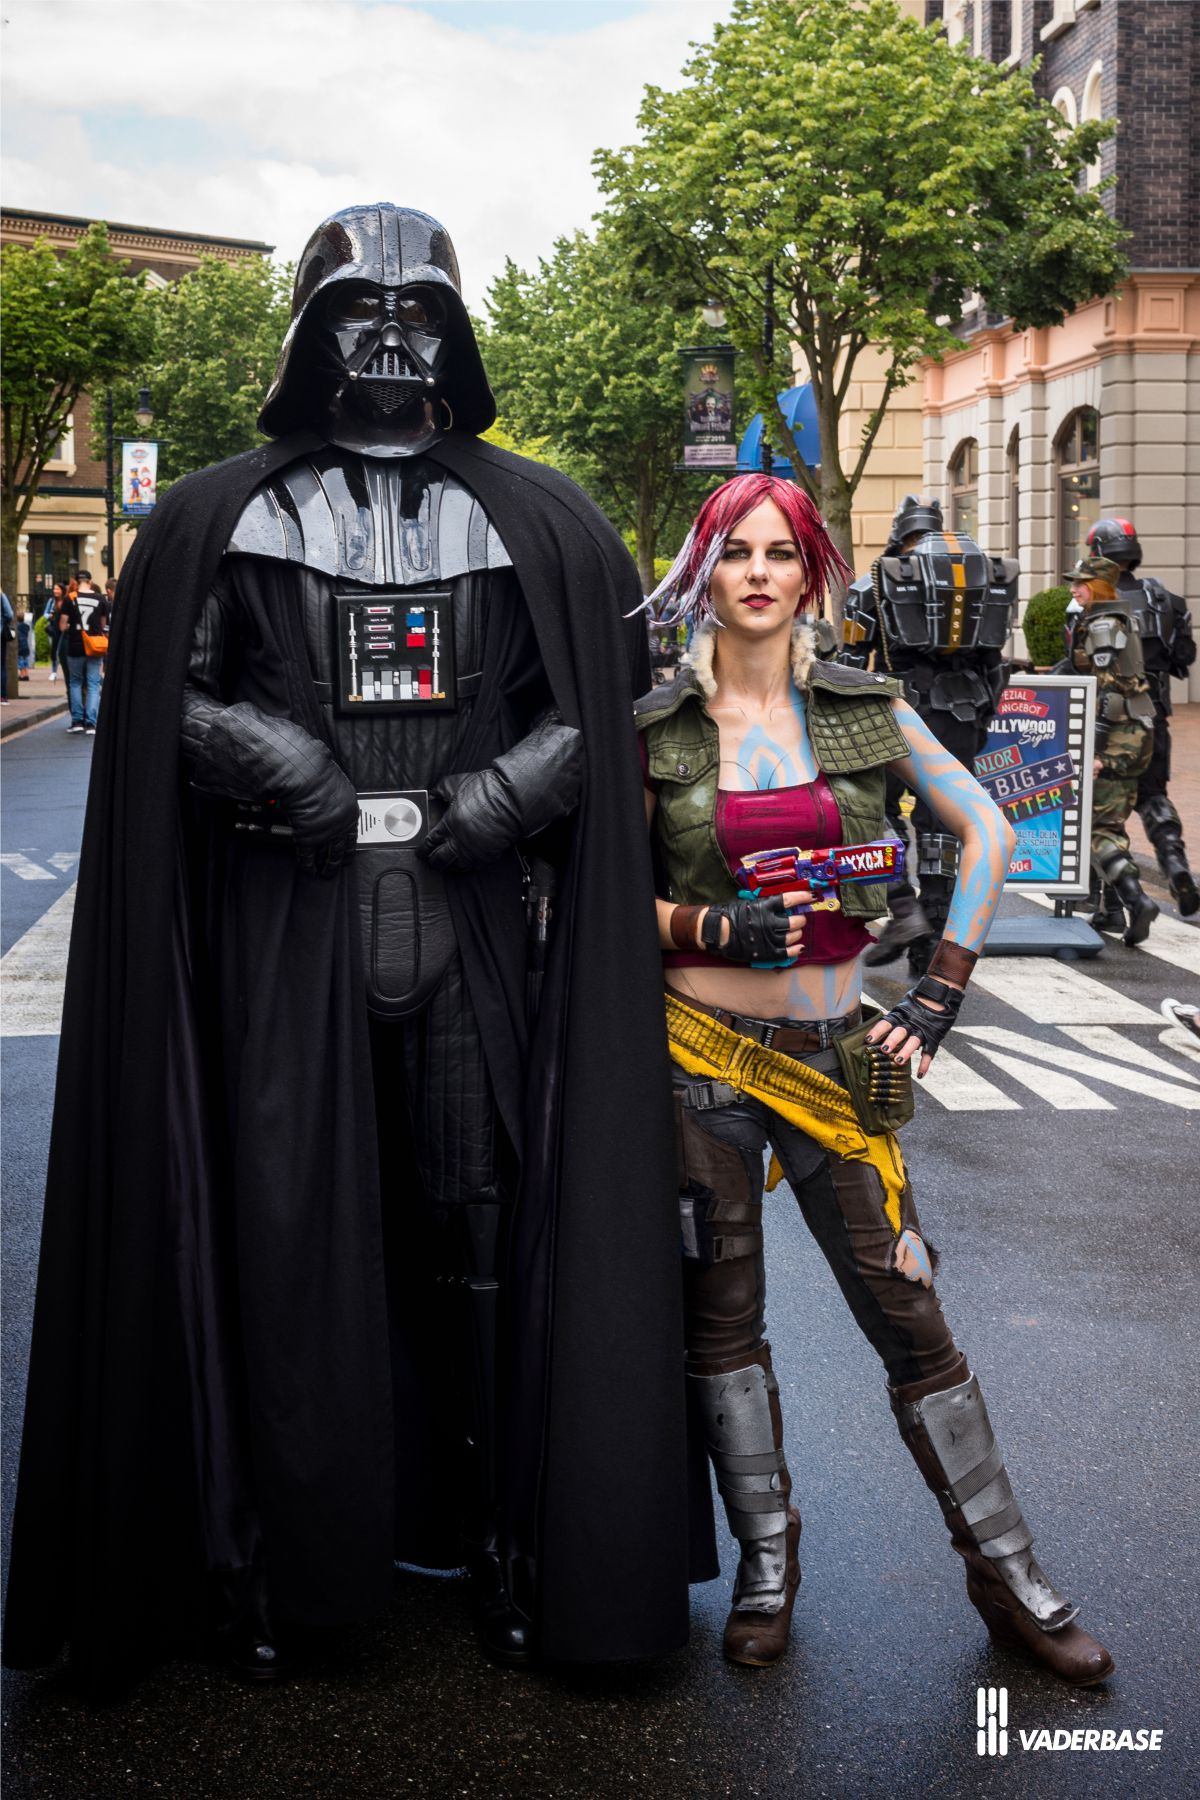 www.vaderbase.lima-city.de/Bilder/cosplayday_moviepark_2019/vader_lillith.jpg